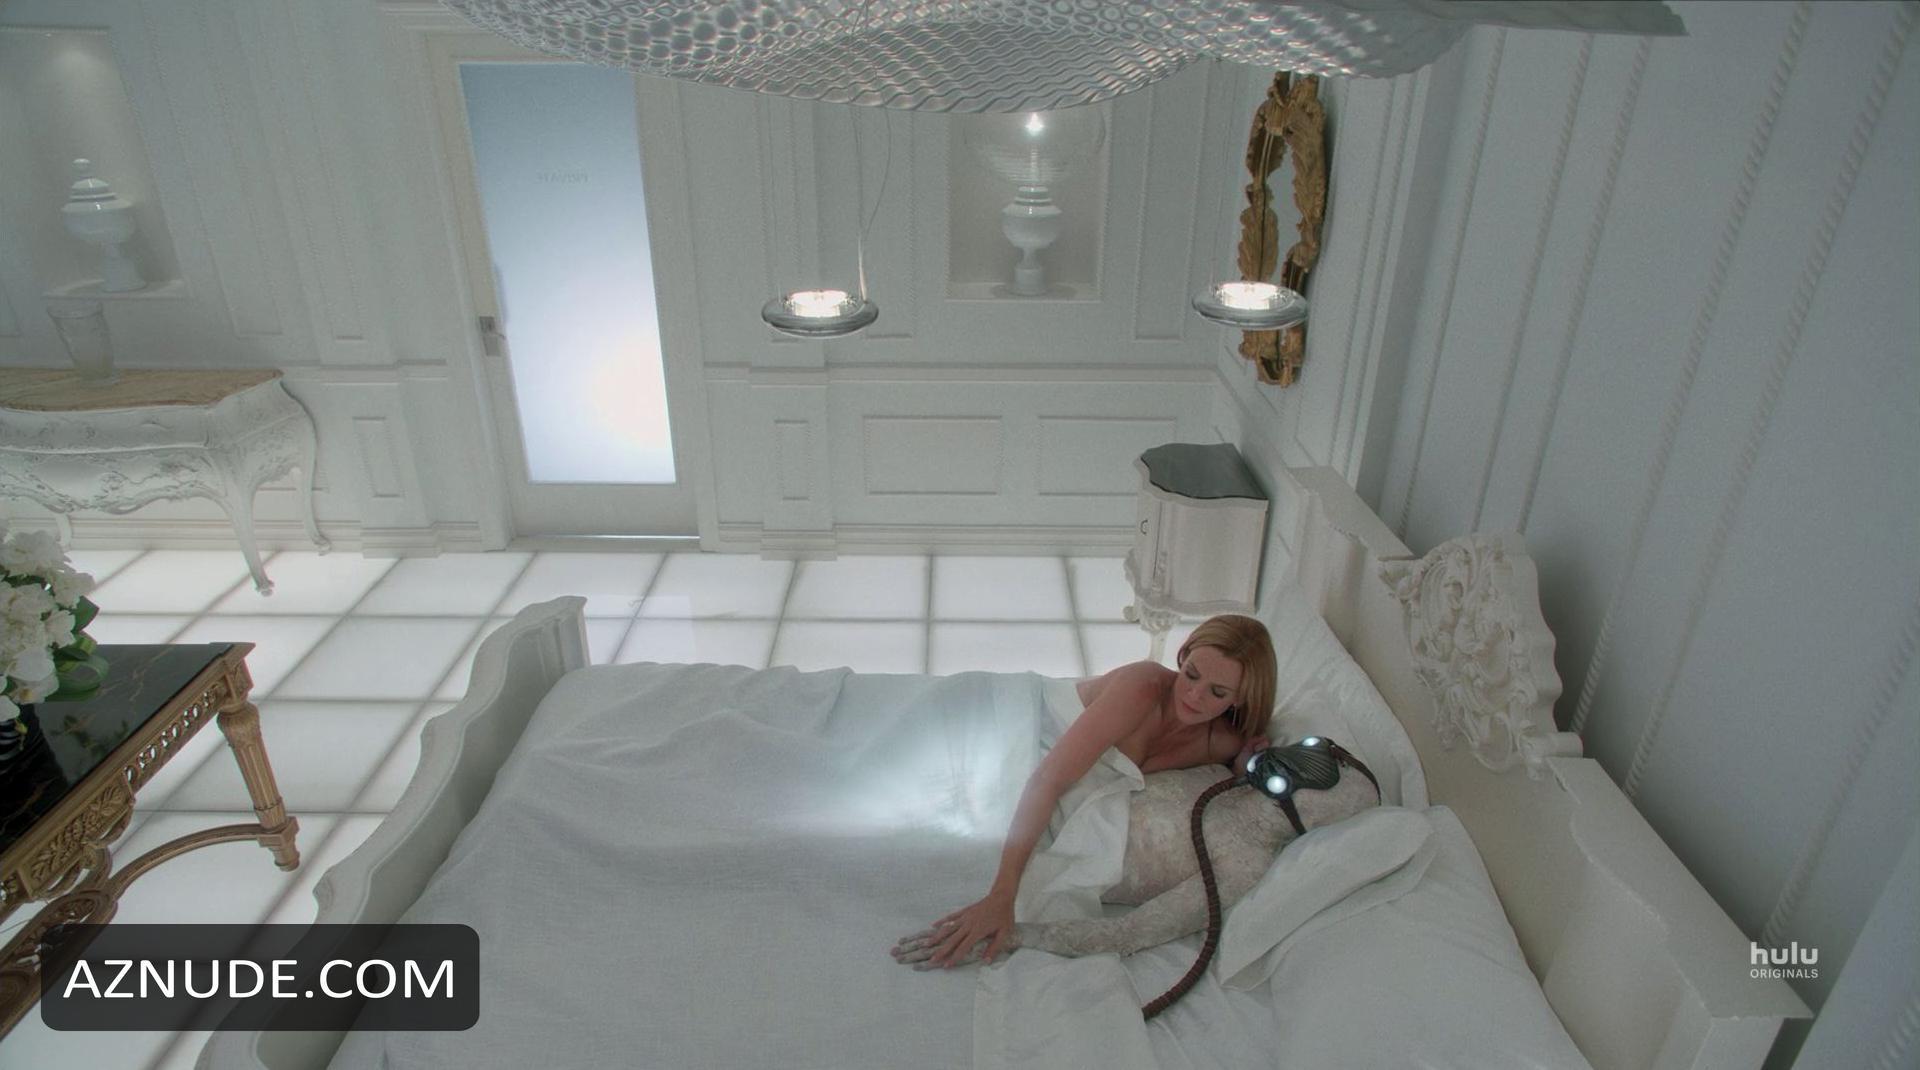 Annie wersching nude bosch s01e02 - 2 part 10